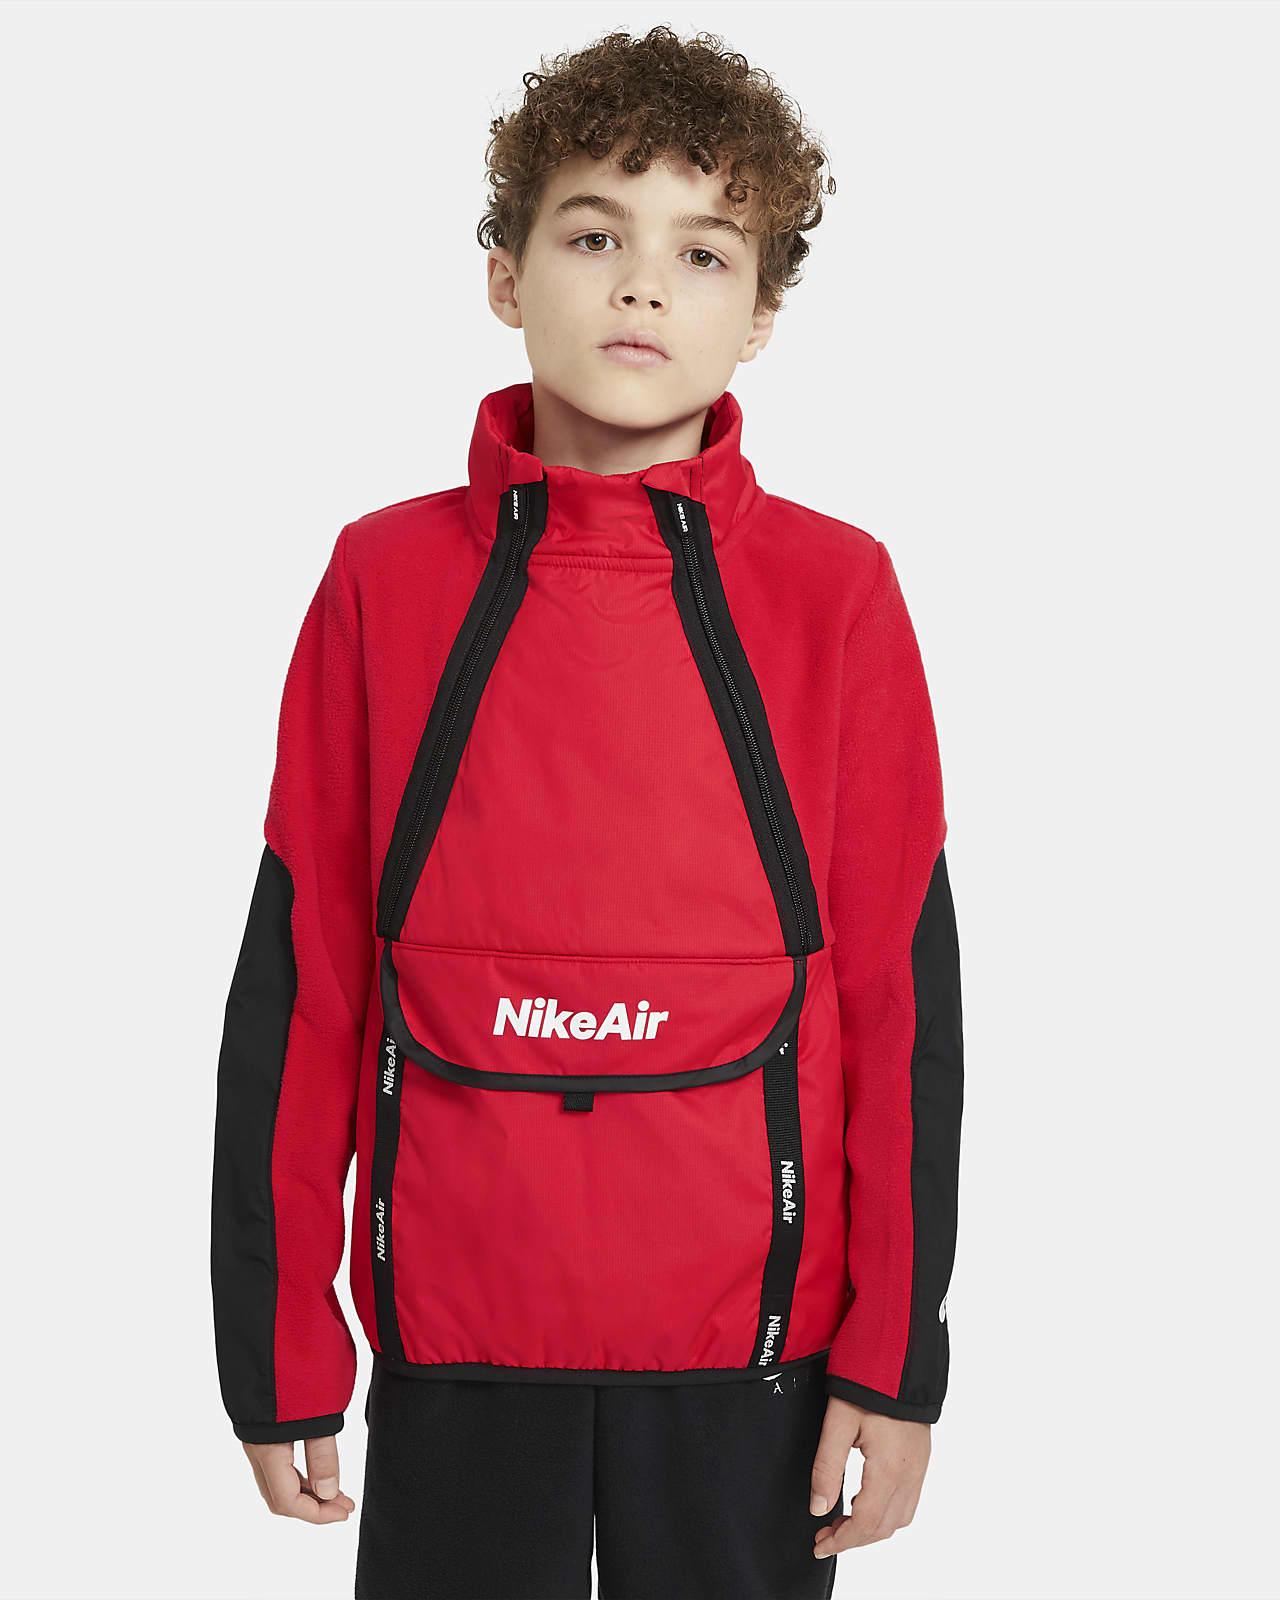 Tröja Nike Air Winterized för ungdom (killar)